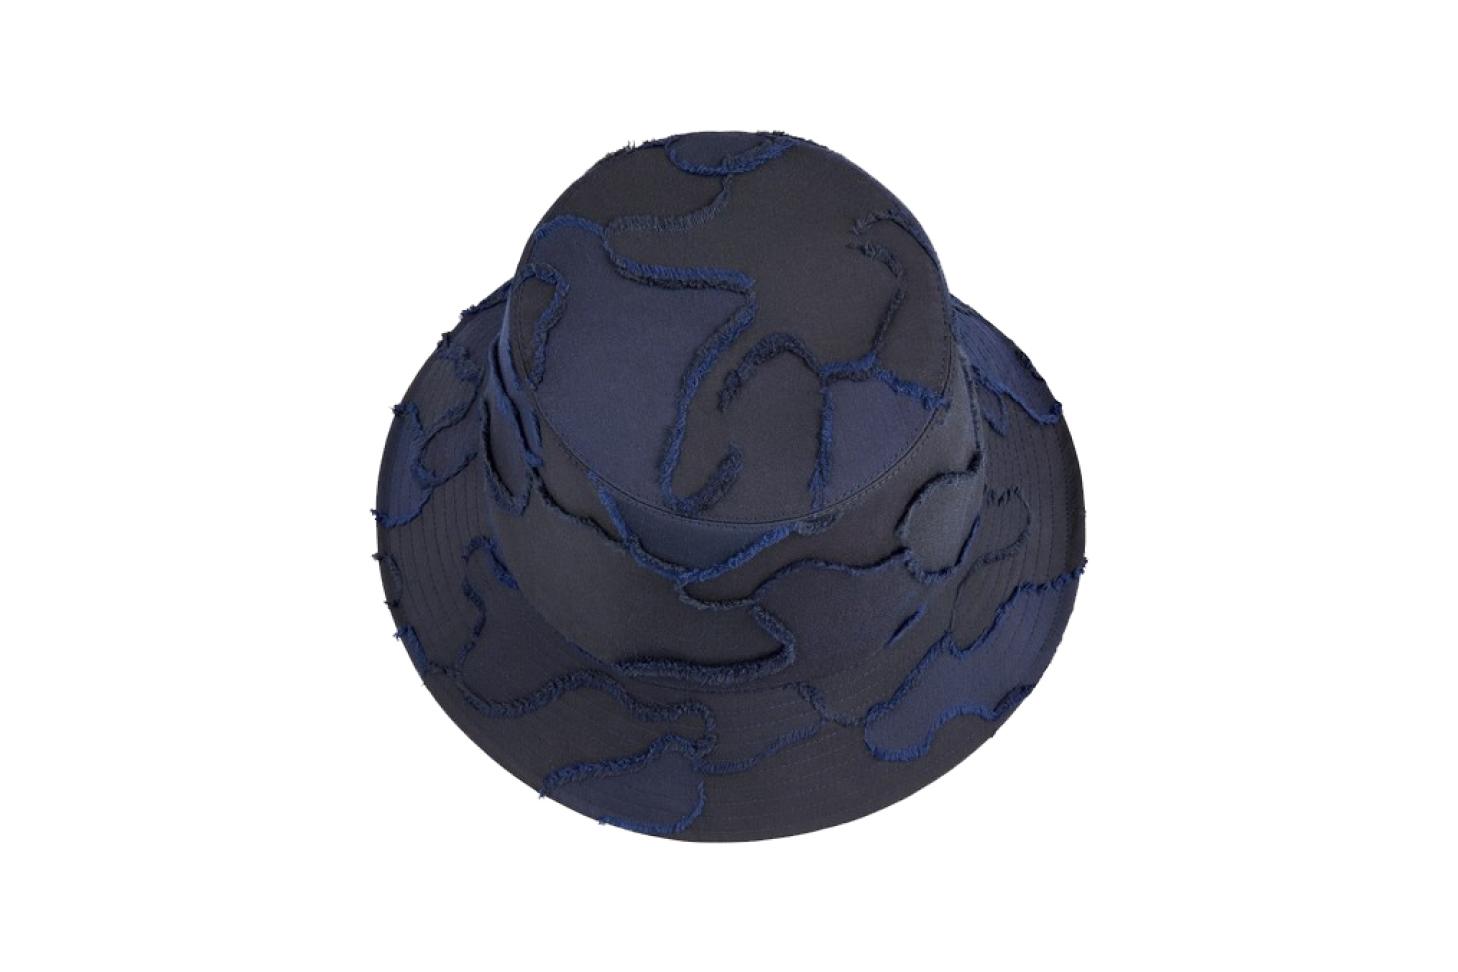 Blue Camouflage Cotton Bucket Hat